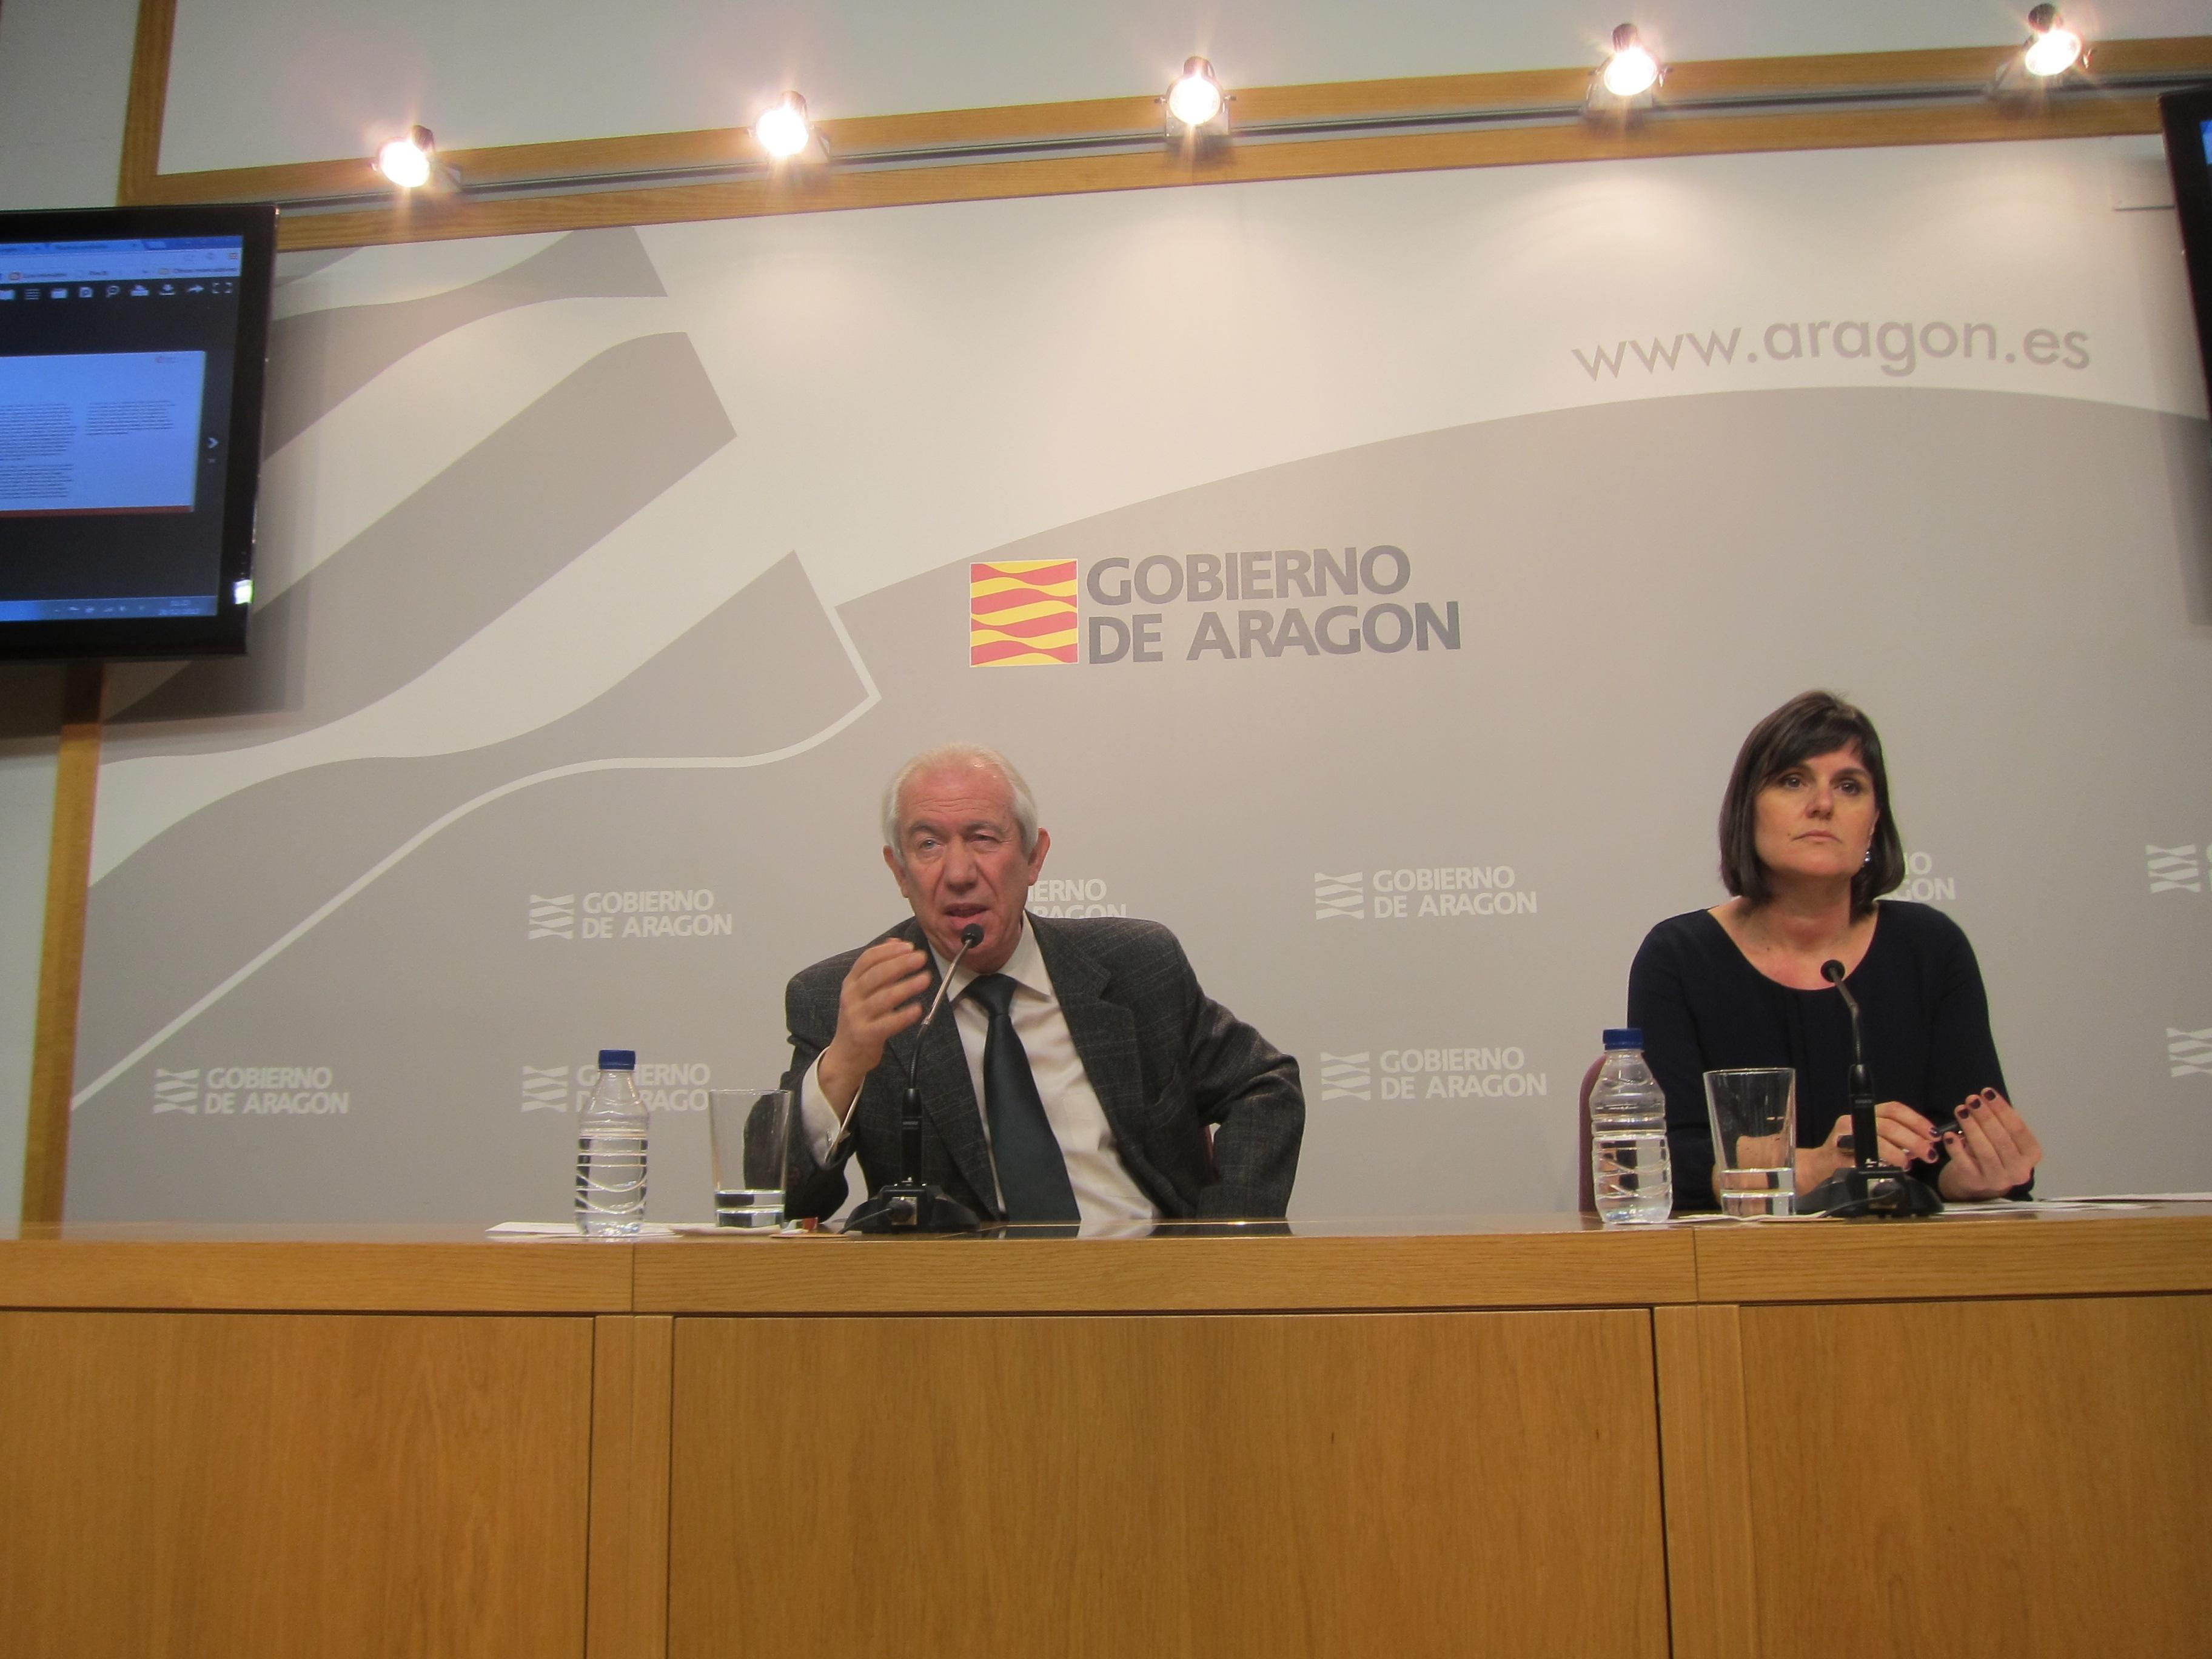 La Comunidad aragonesa recibe más turistas en 2013, con un incremento superior al de la media nacional